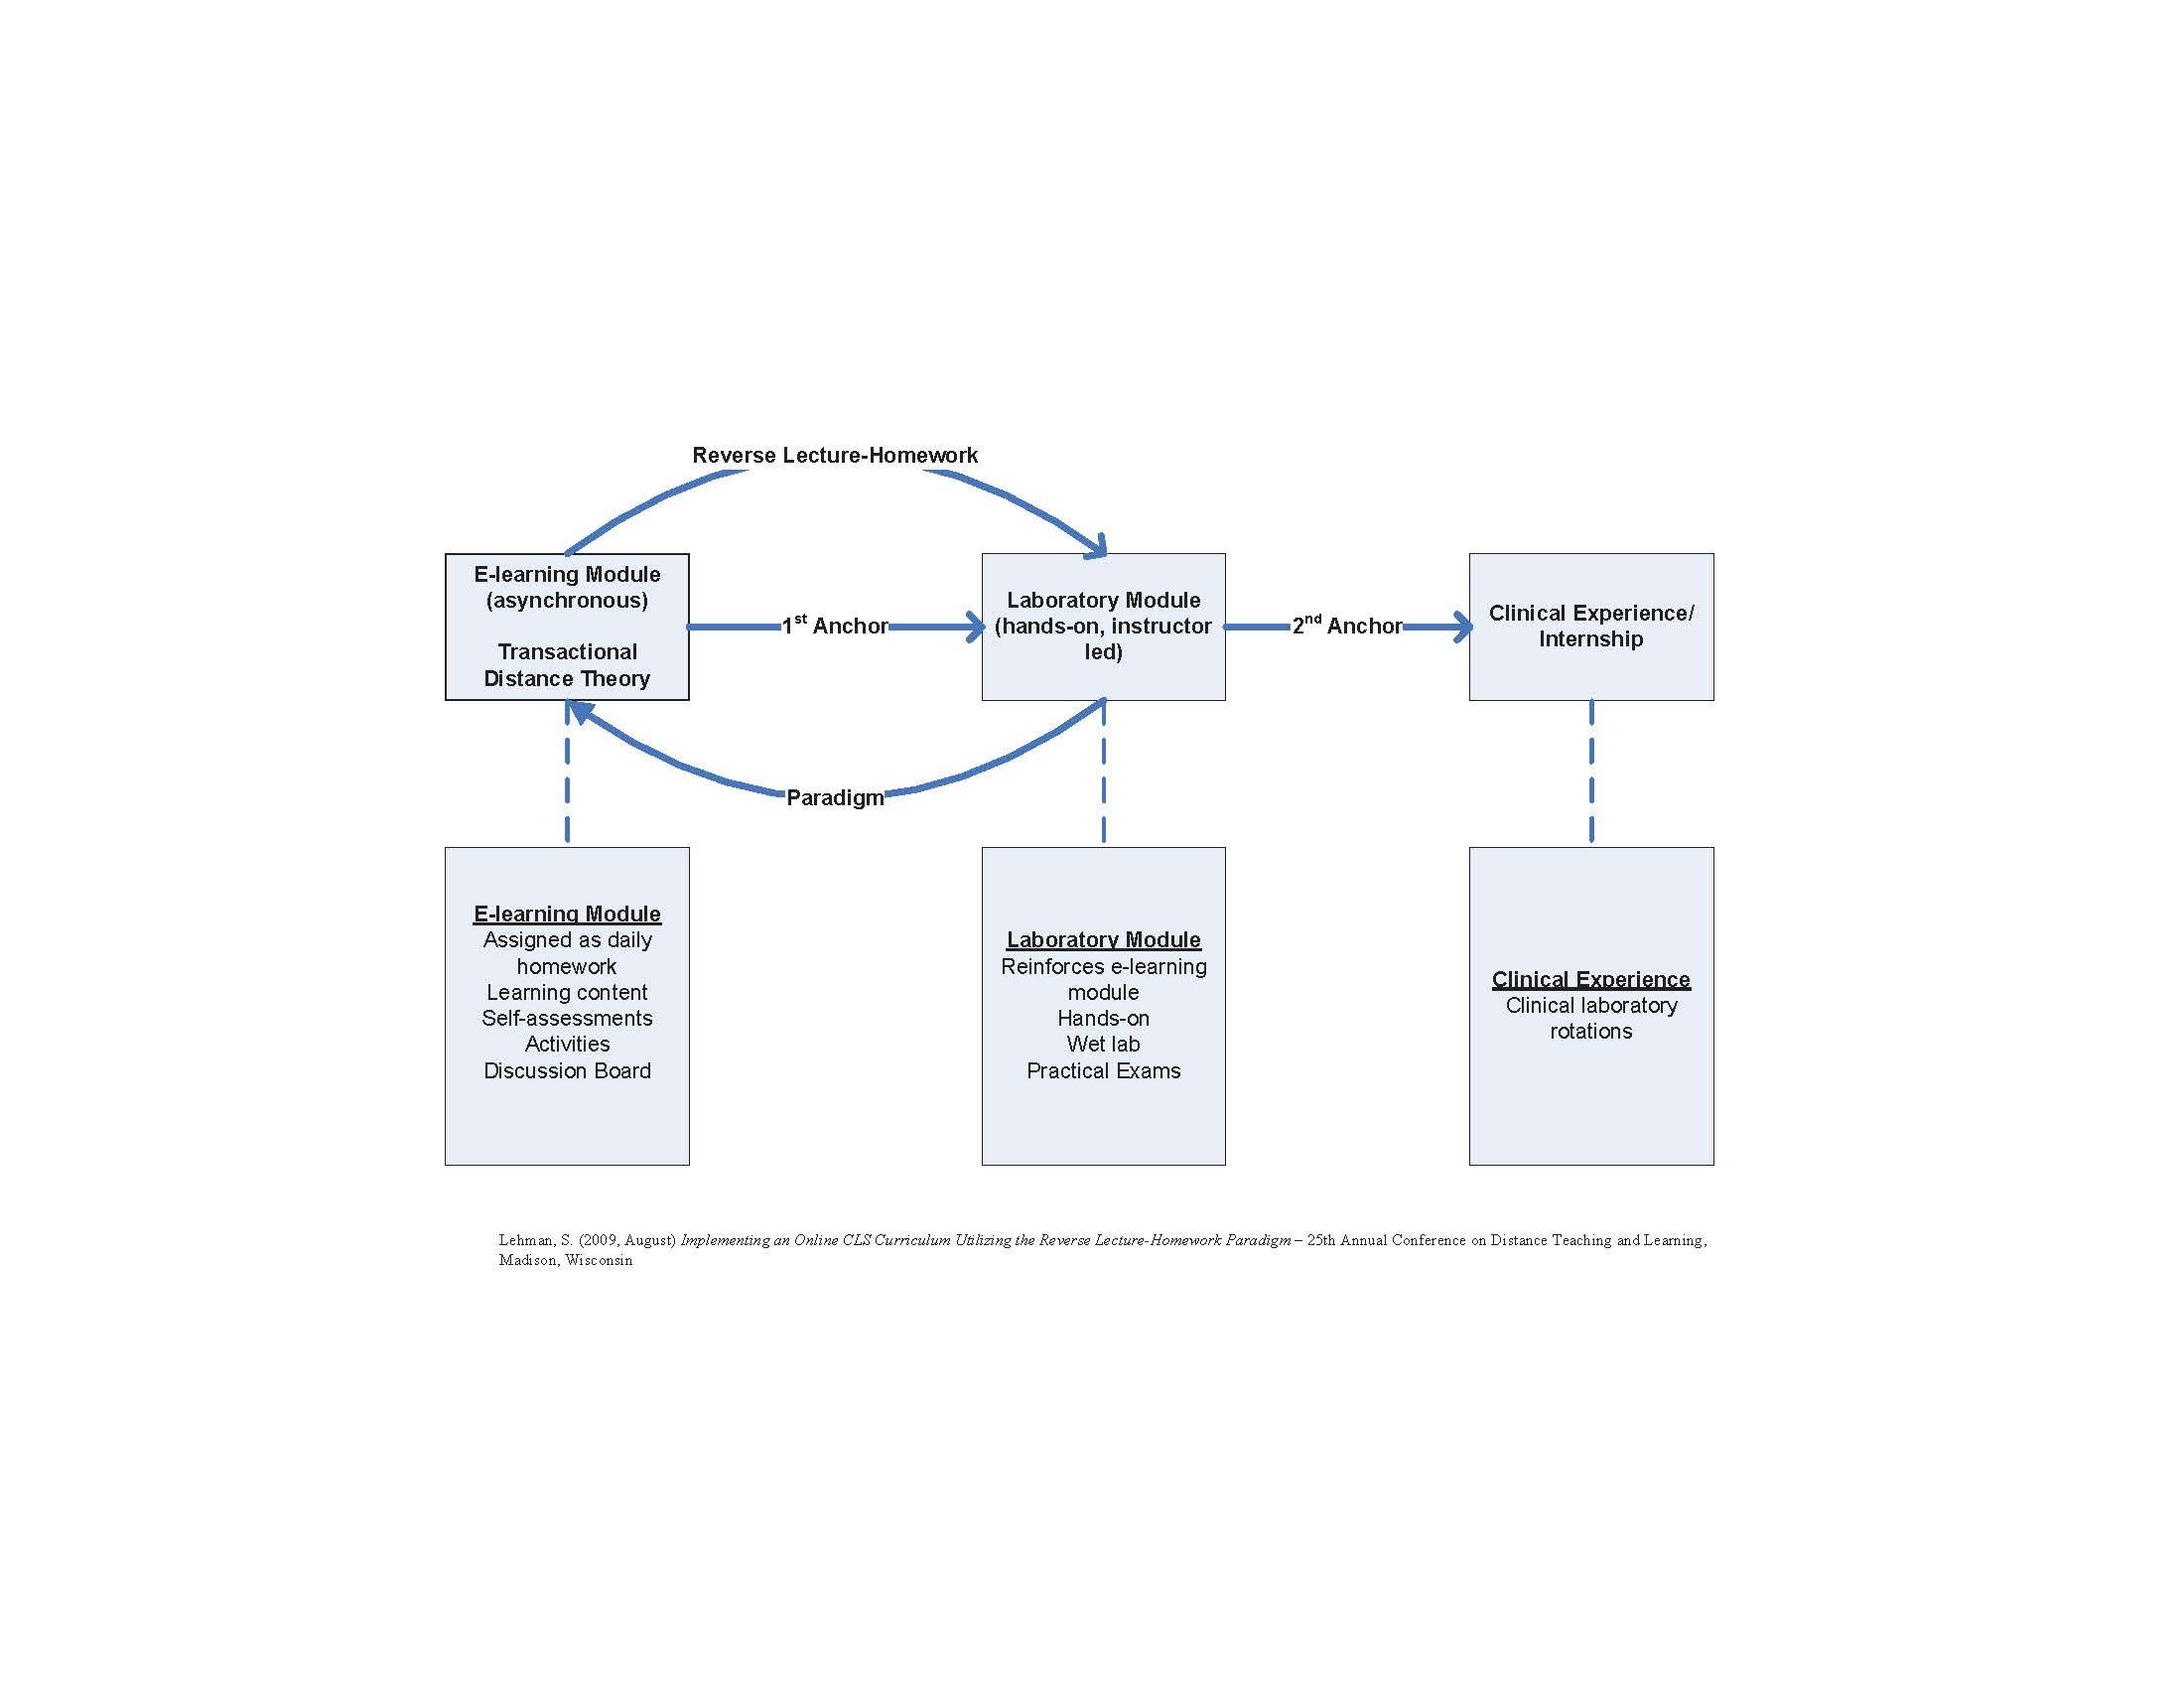 mls-curricular-model_simple-diagram_1